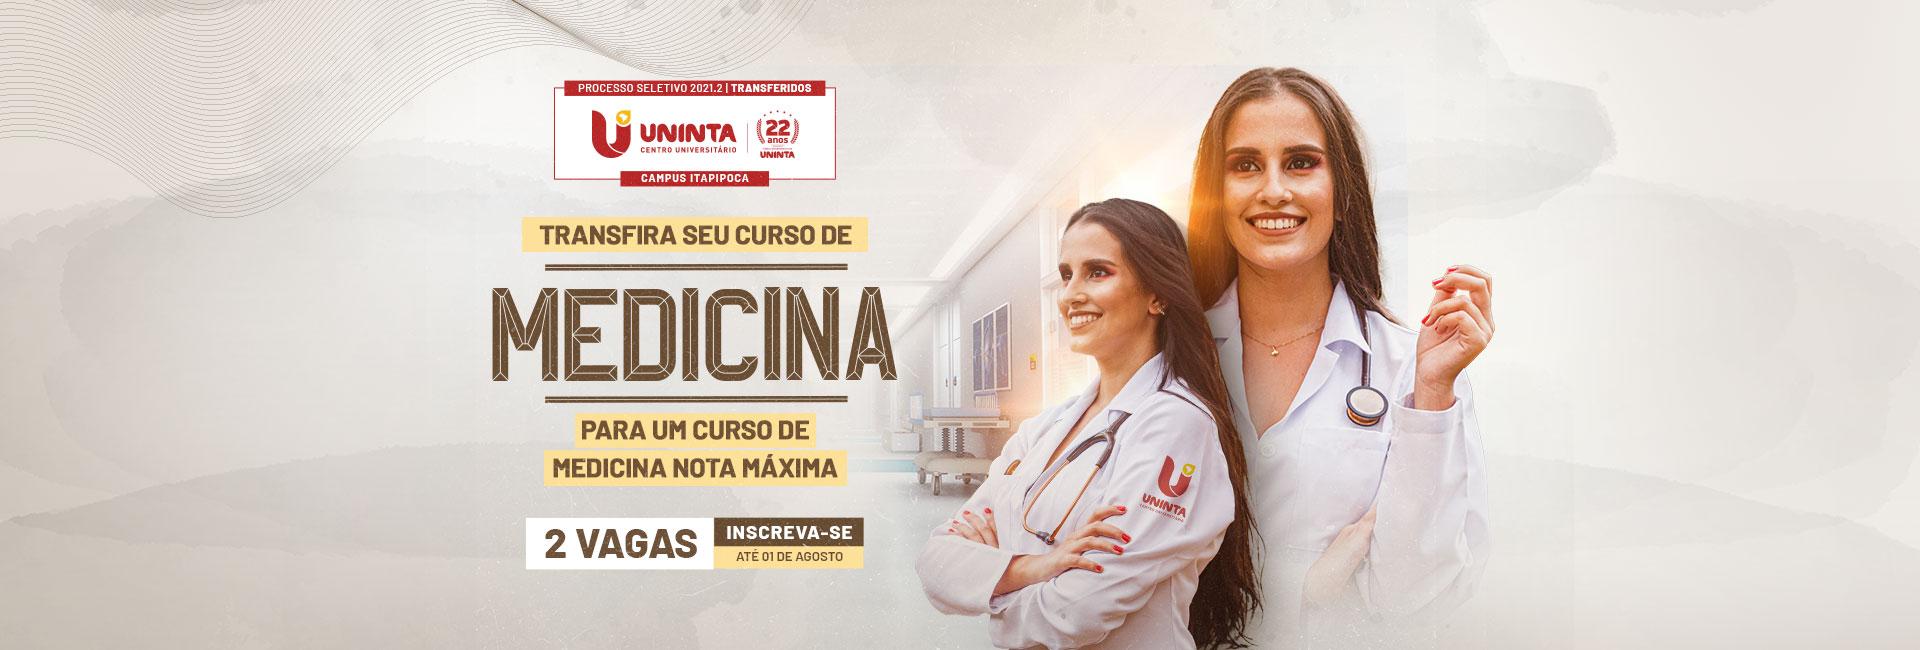 BANNER-HOME-PS-SELETIVO-TRANSFERIDOS-MEDICINA